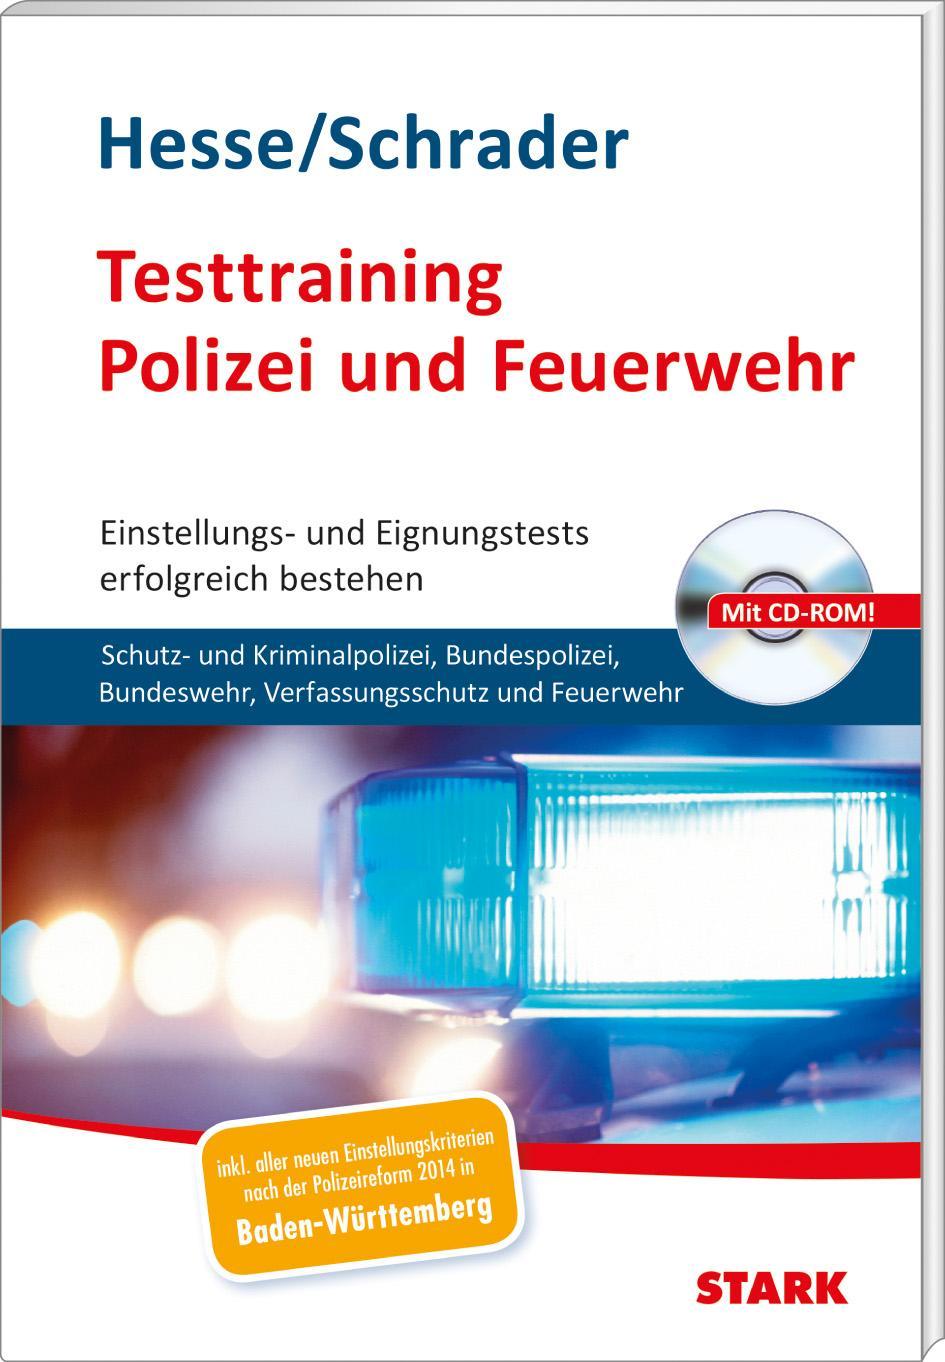 Hesseschrader Testtraining Polizei Und Feuerwehr Jürgen Hesse